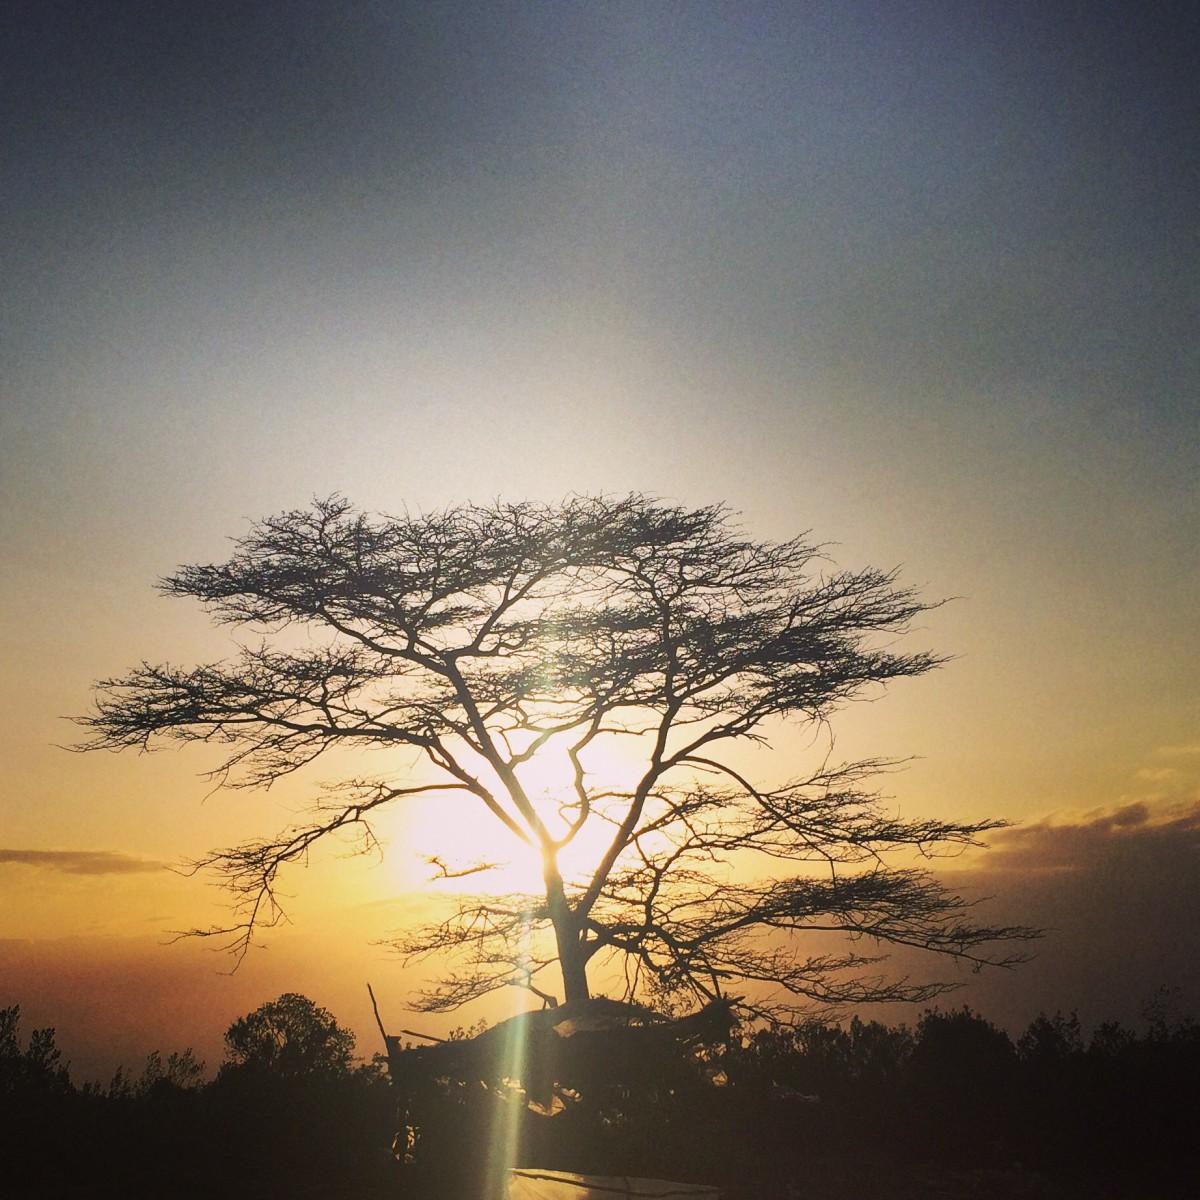 African Sunset Tree, Nairobi - Kenya